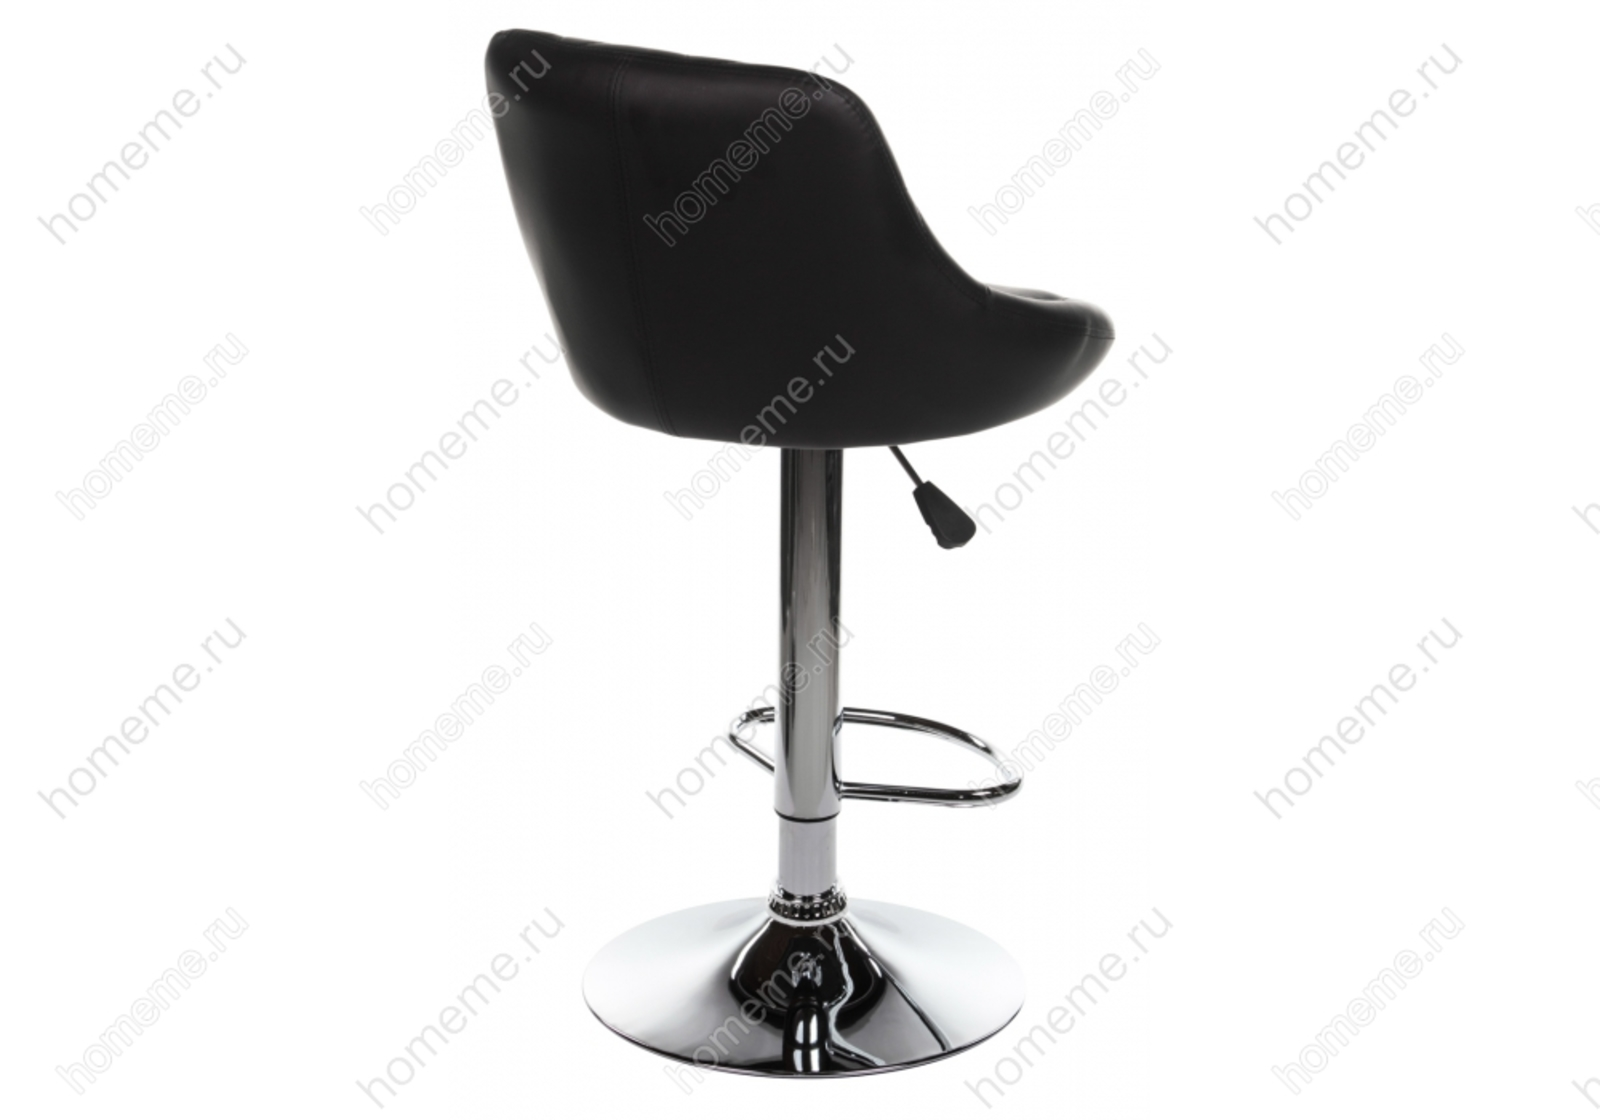 Барный стул Curt черный черный (1414)